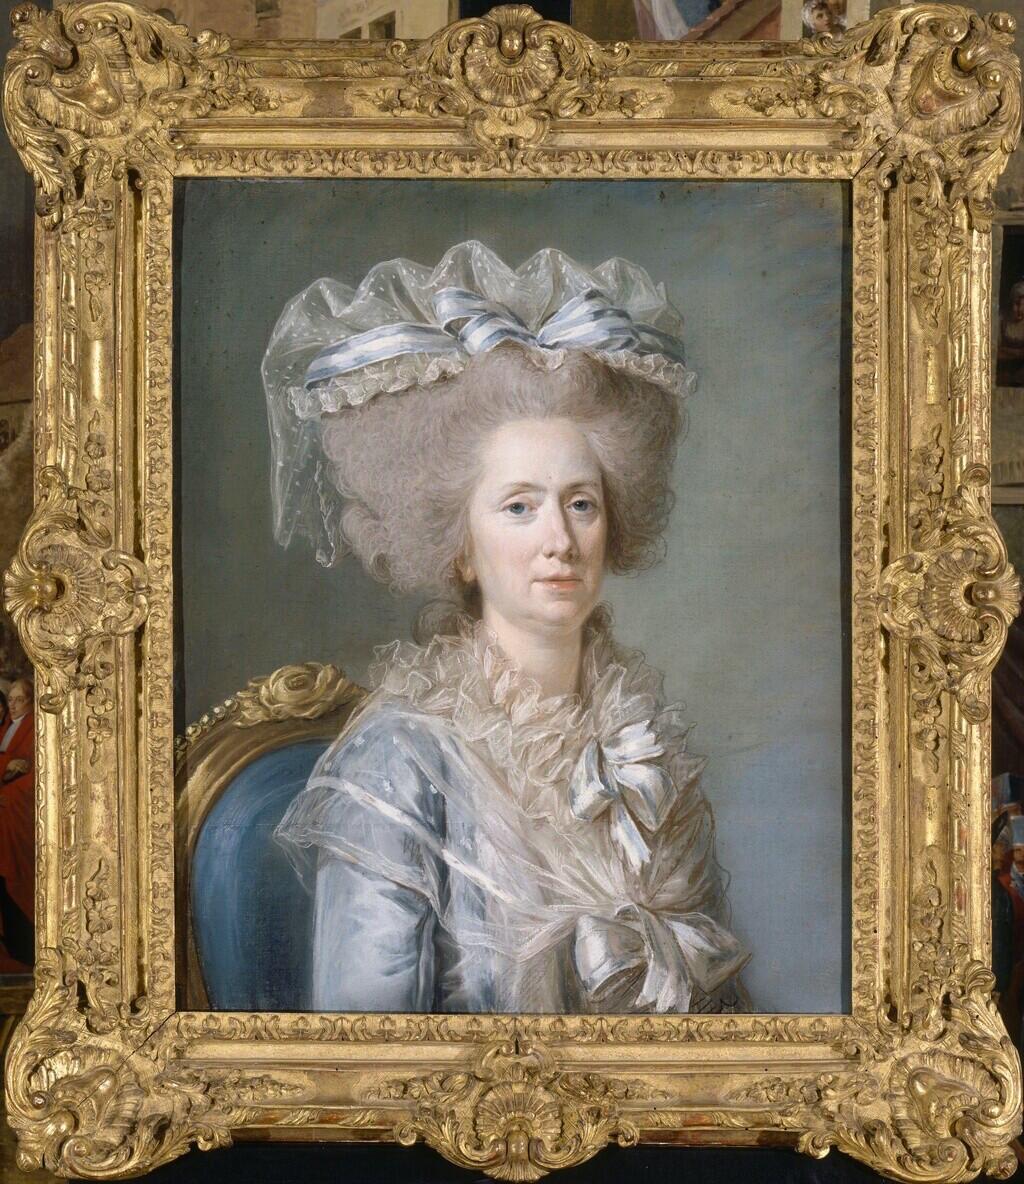 Mesdames, filles de Louis XV, les mal-aimées ? - Page 4 Mme_ad10